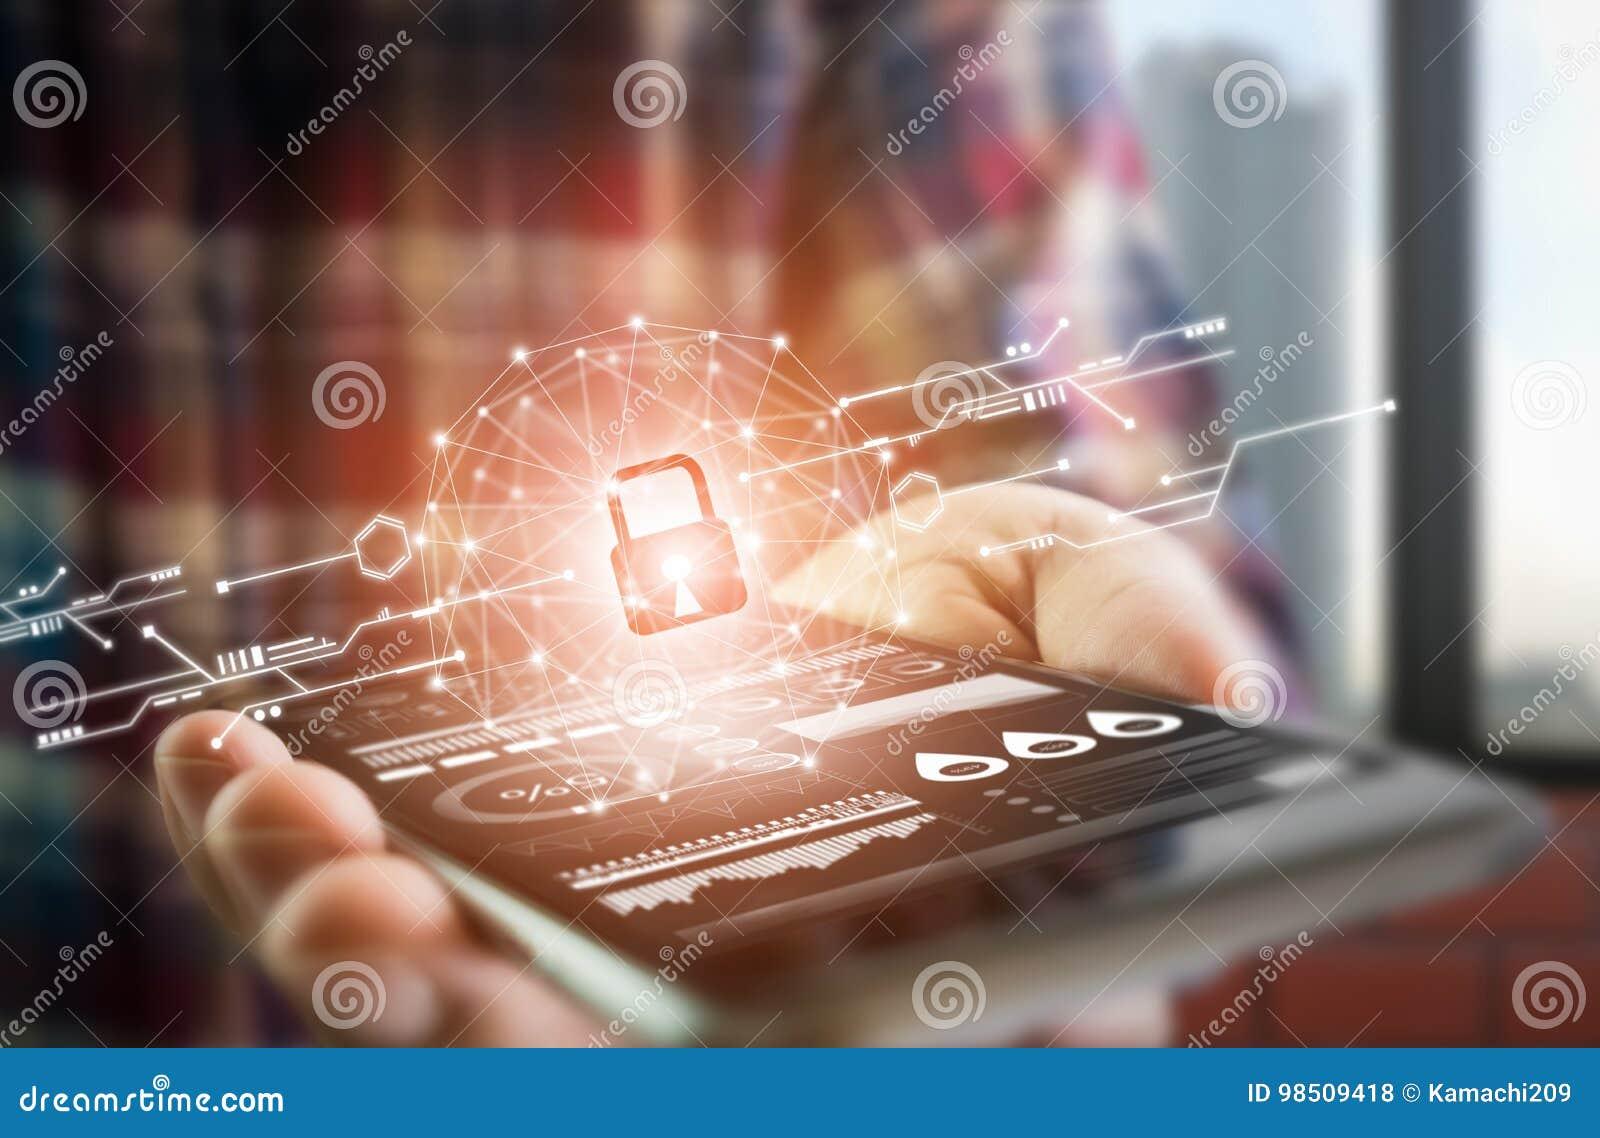 Männer kleiden oben Lebensstilgriff Smartphone-Schirmshows der Schlüssel in der Sicherheitsonlinewelt die Anzeigen- und Technolog